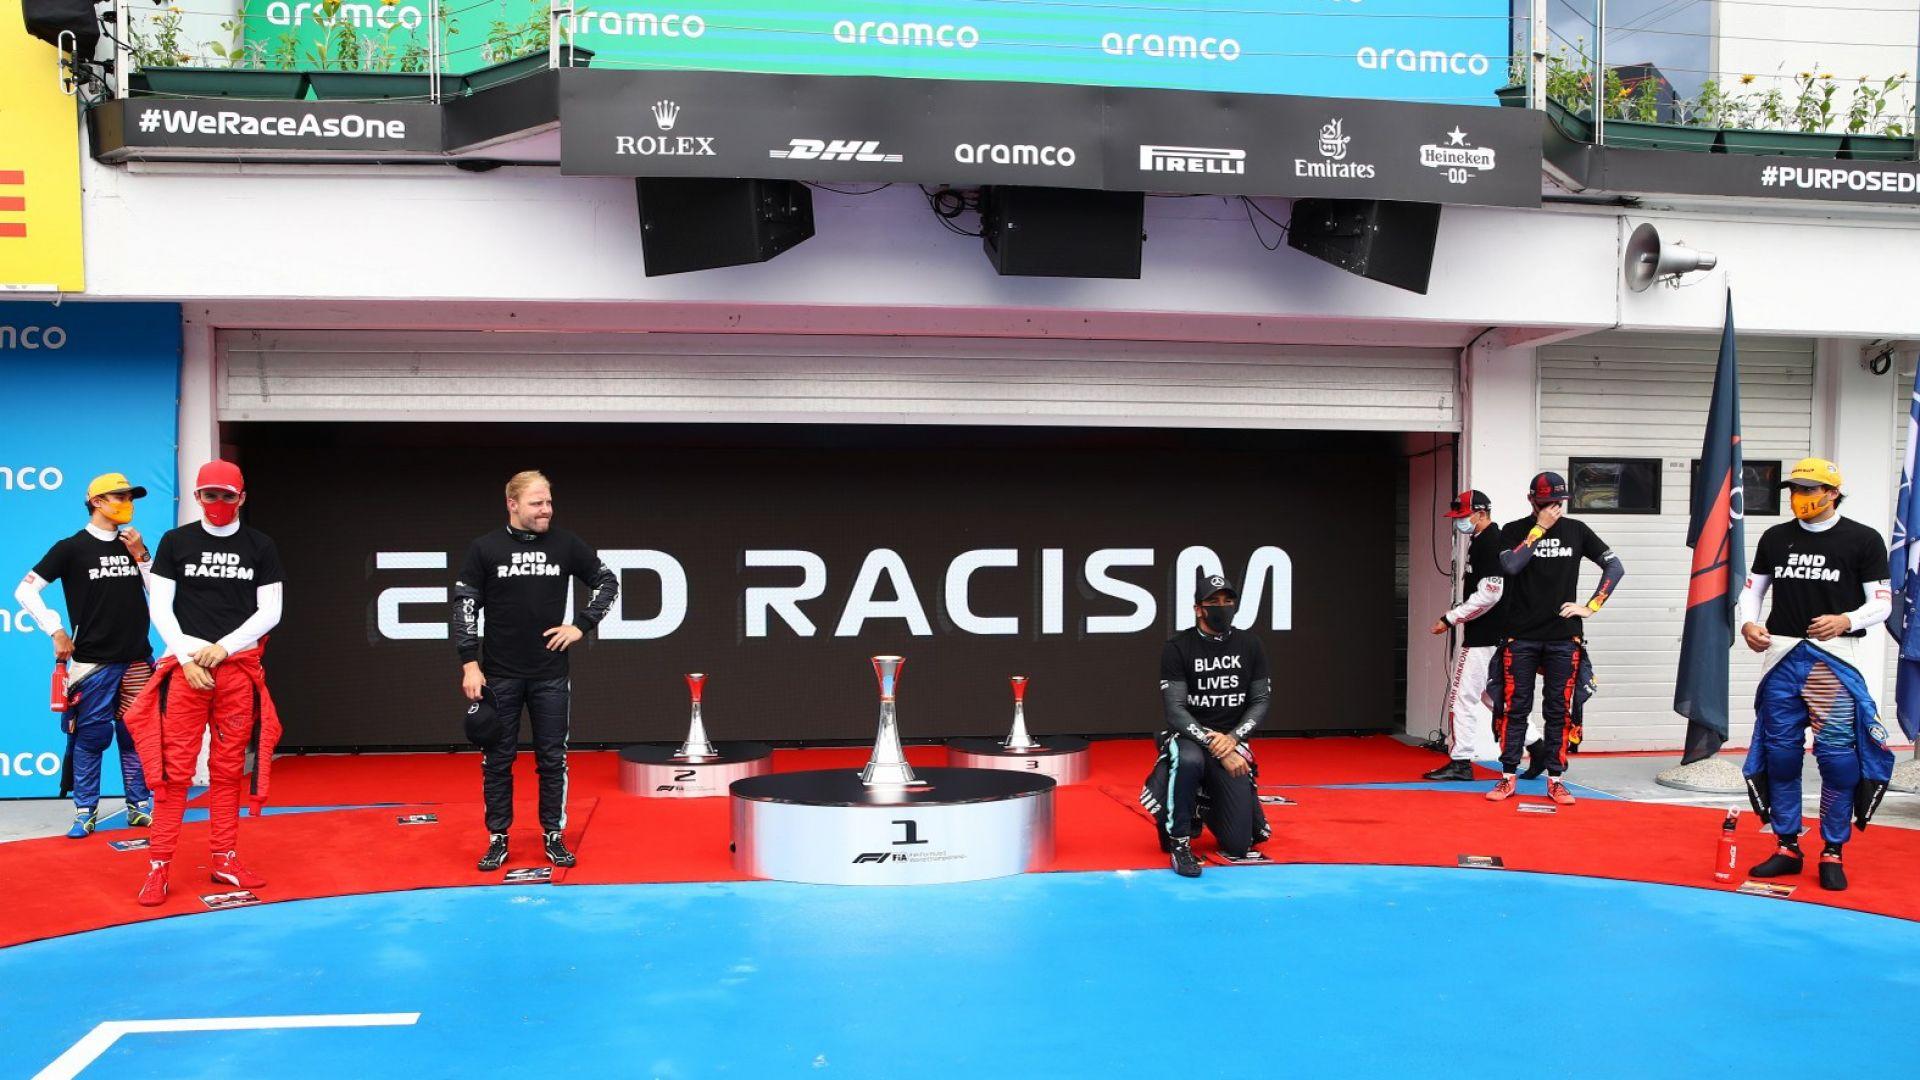 Хамилтън атакува поименно колегите си заради пасивност в битката с расизма